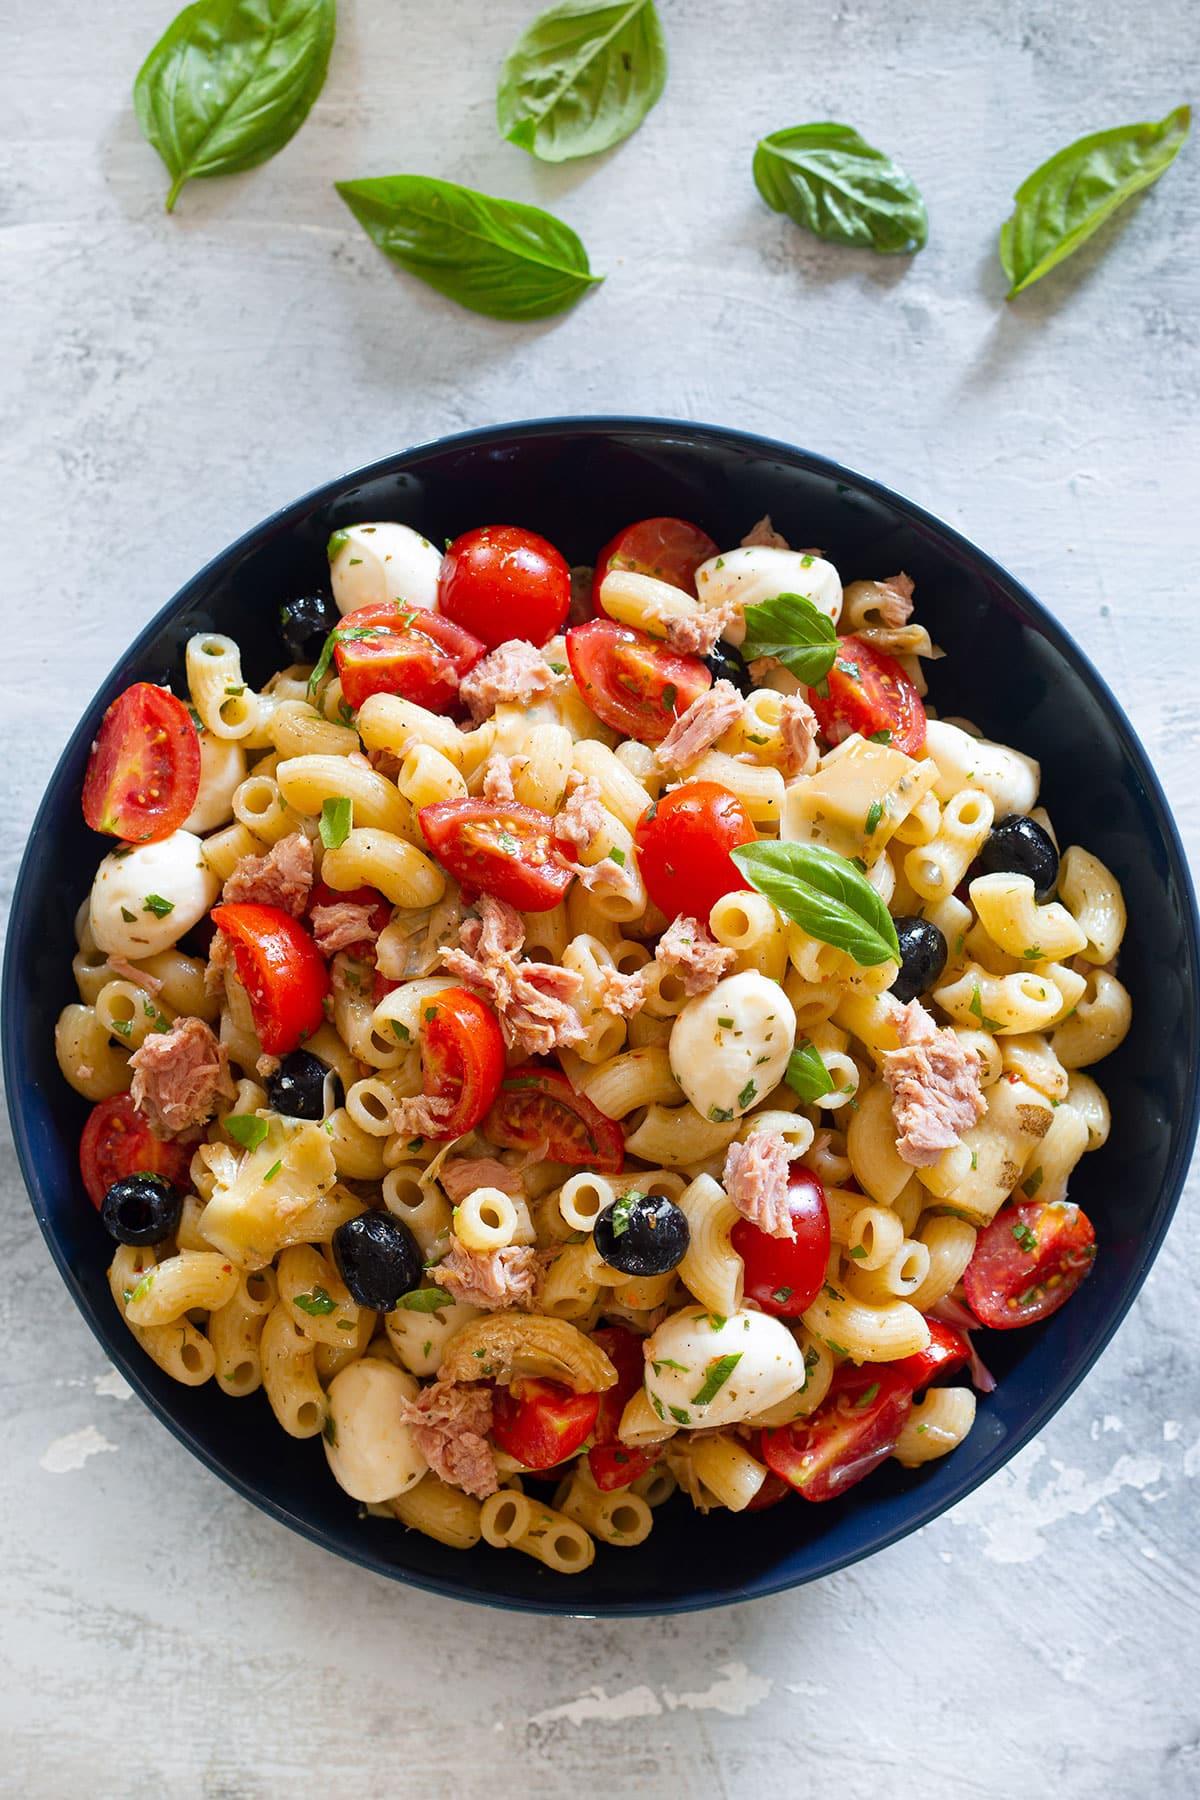 Tuna pasta salad on a dark blue bowl.